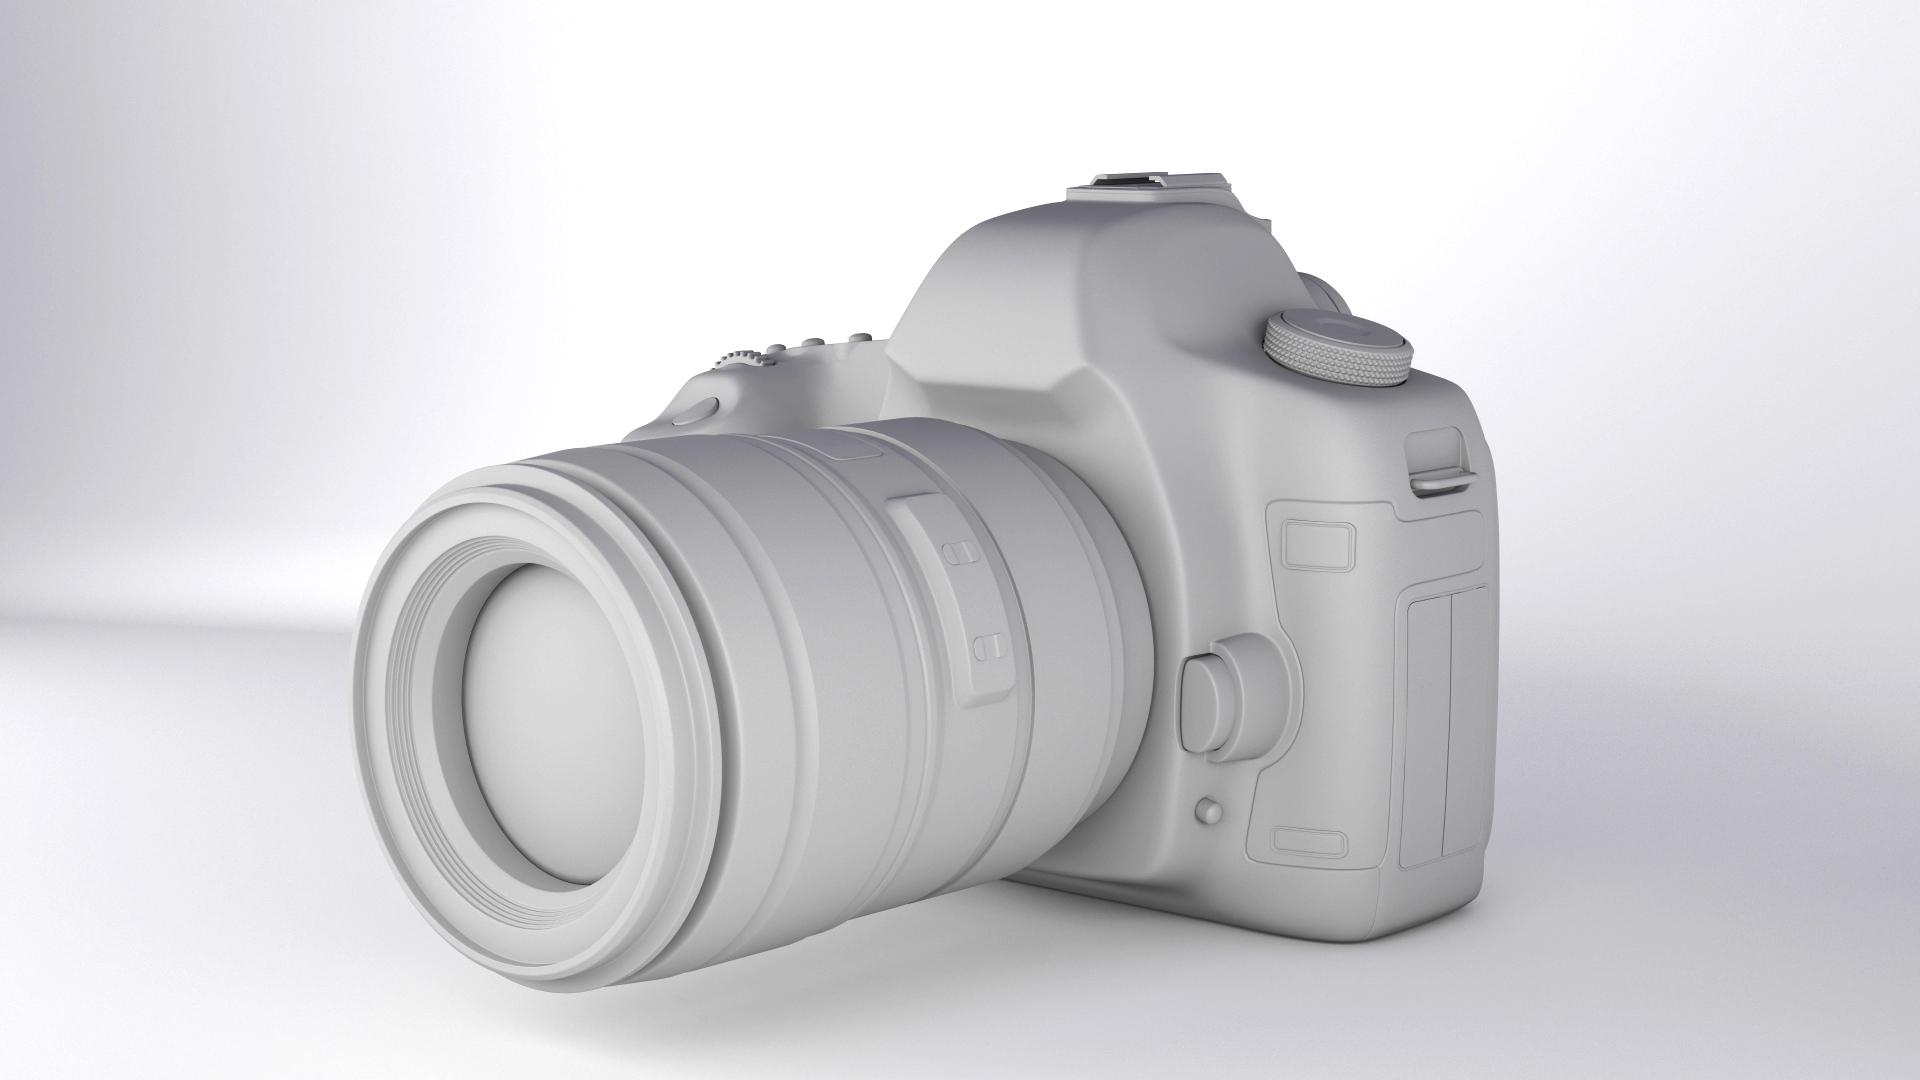 canon eos 5d mark ii 3d model max  fbx jpeg jpg other texture obj 285259